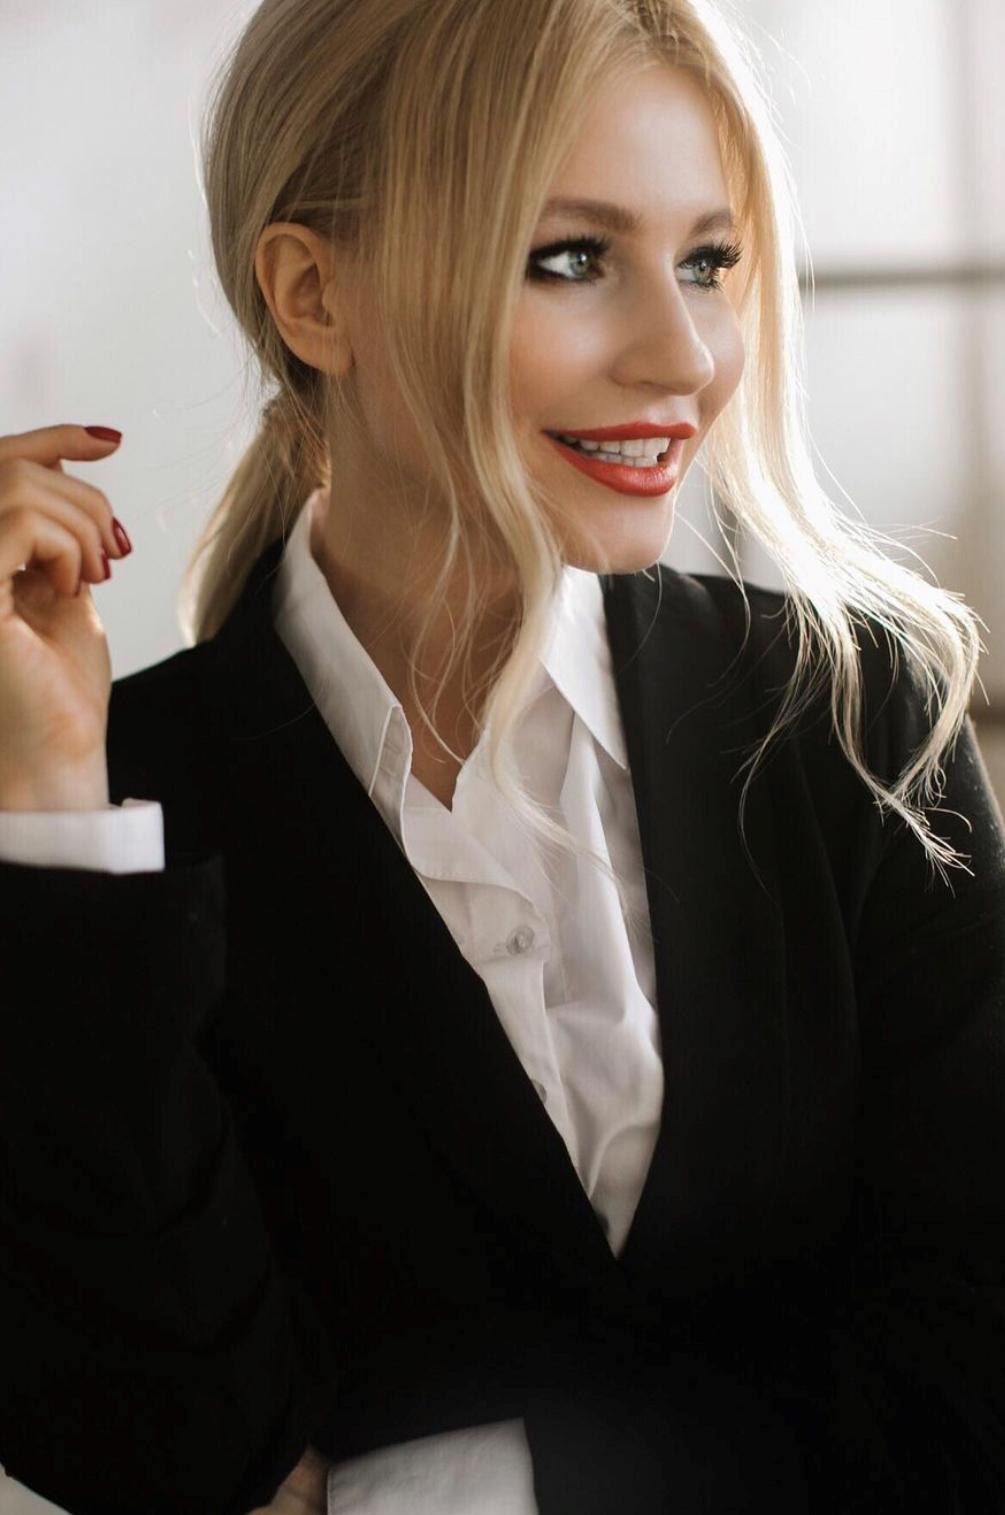 Agence matrimoniale rencontre de Anastassia belle femme célibataire de 35 ans, Annemasse.